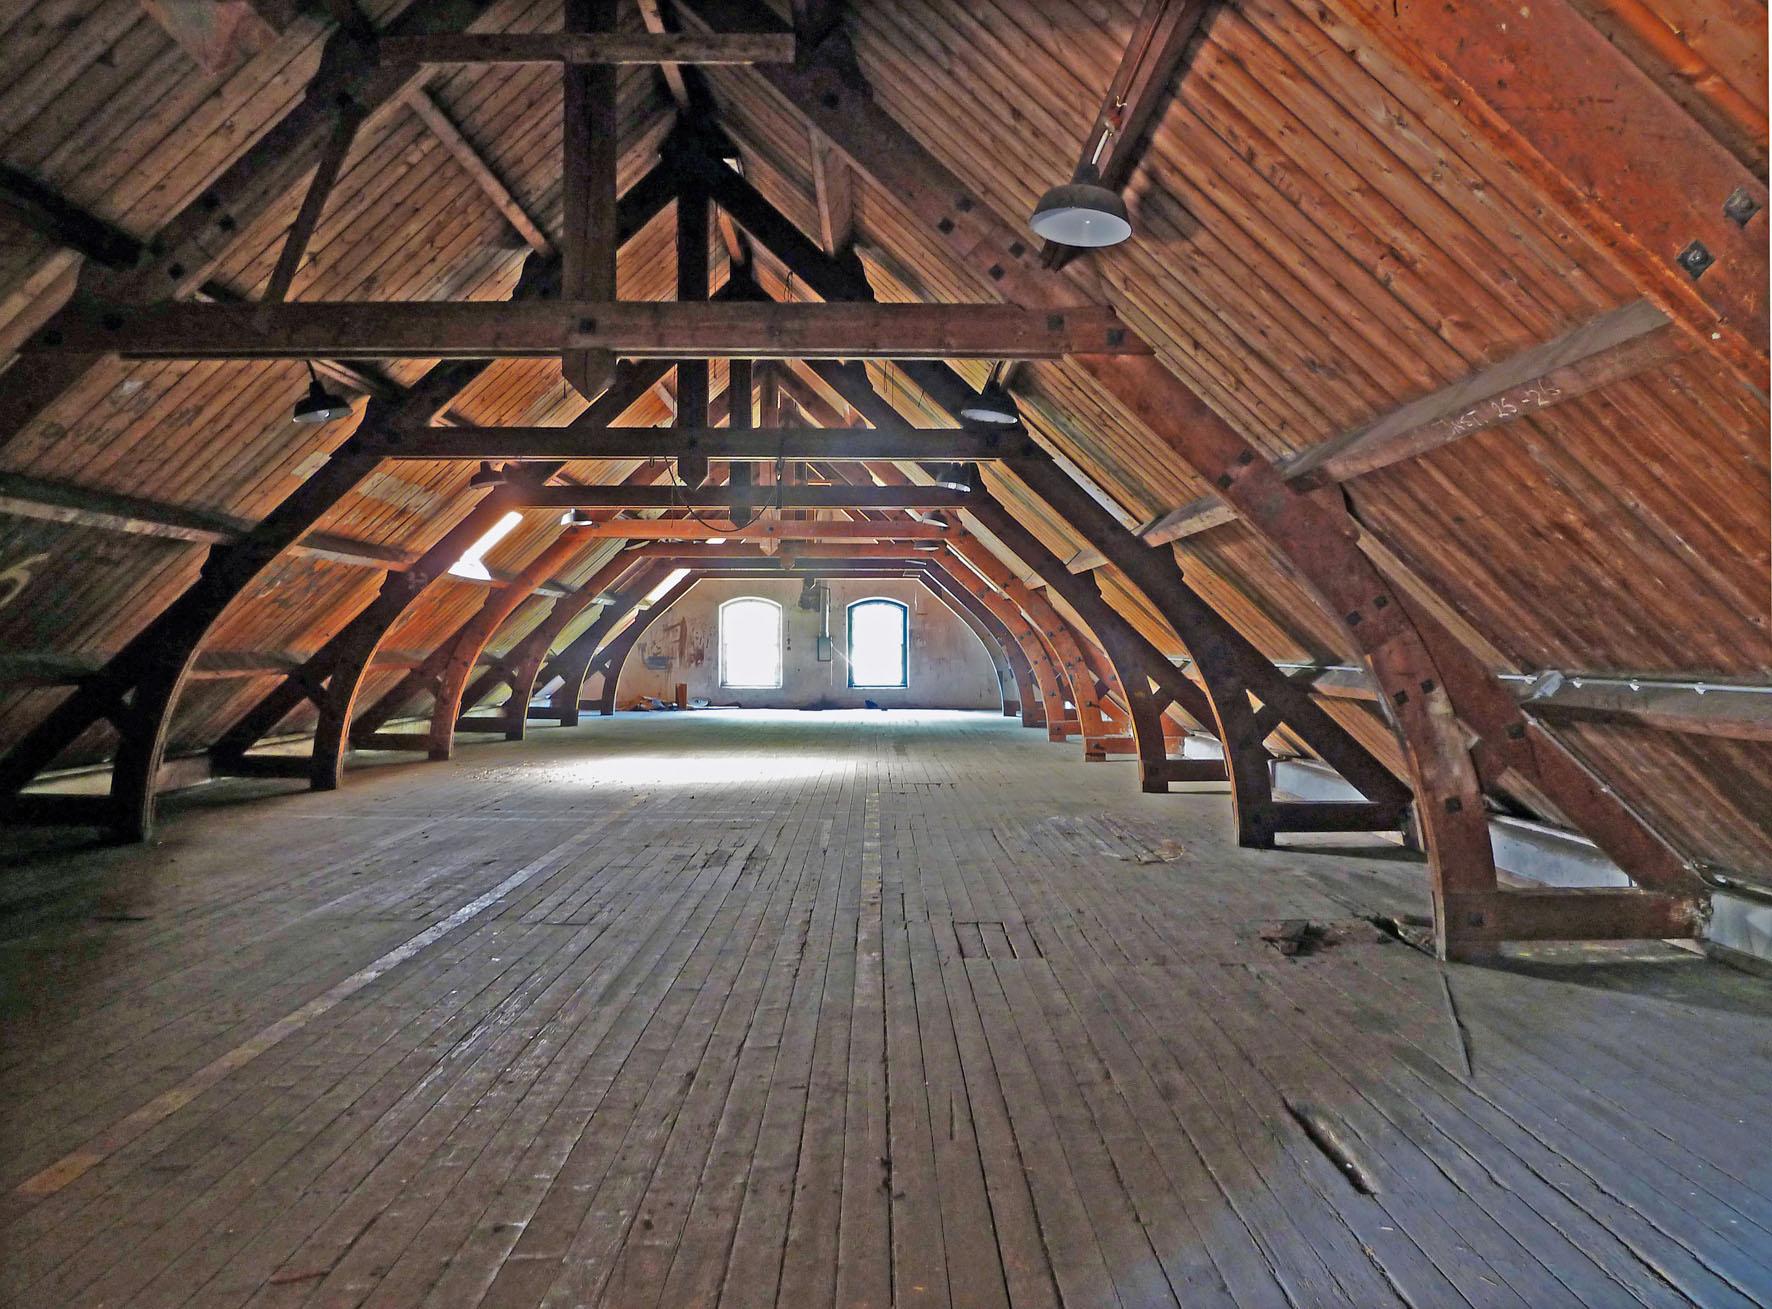 Oude spanten op zolder van verbouwde kazerne Ede